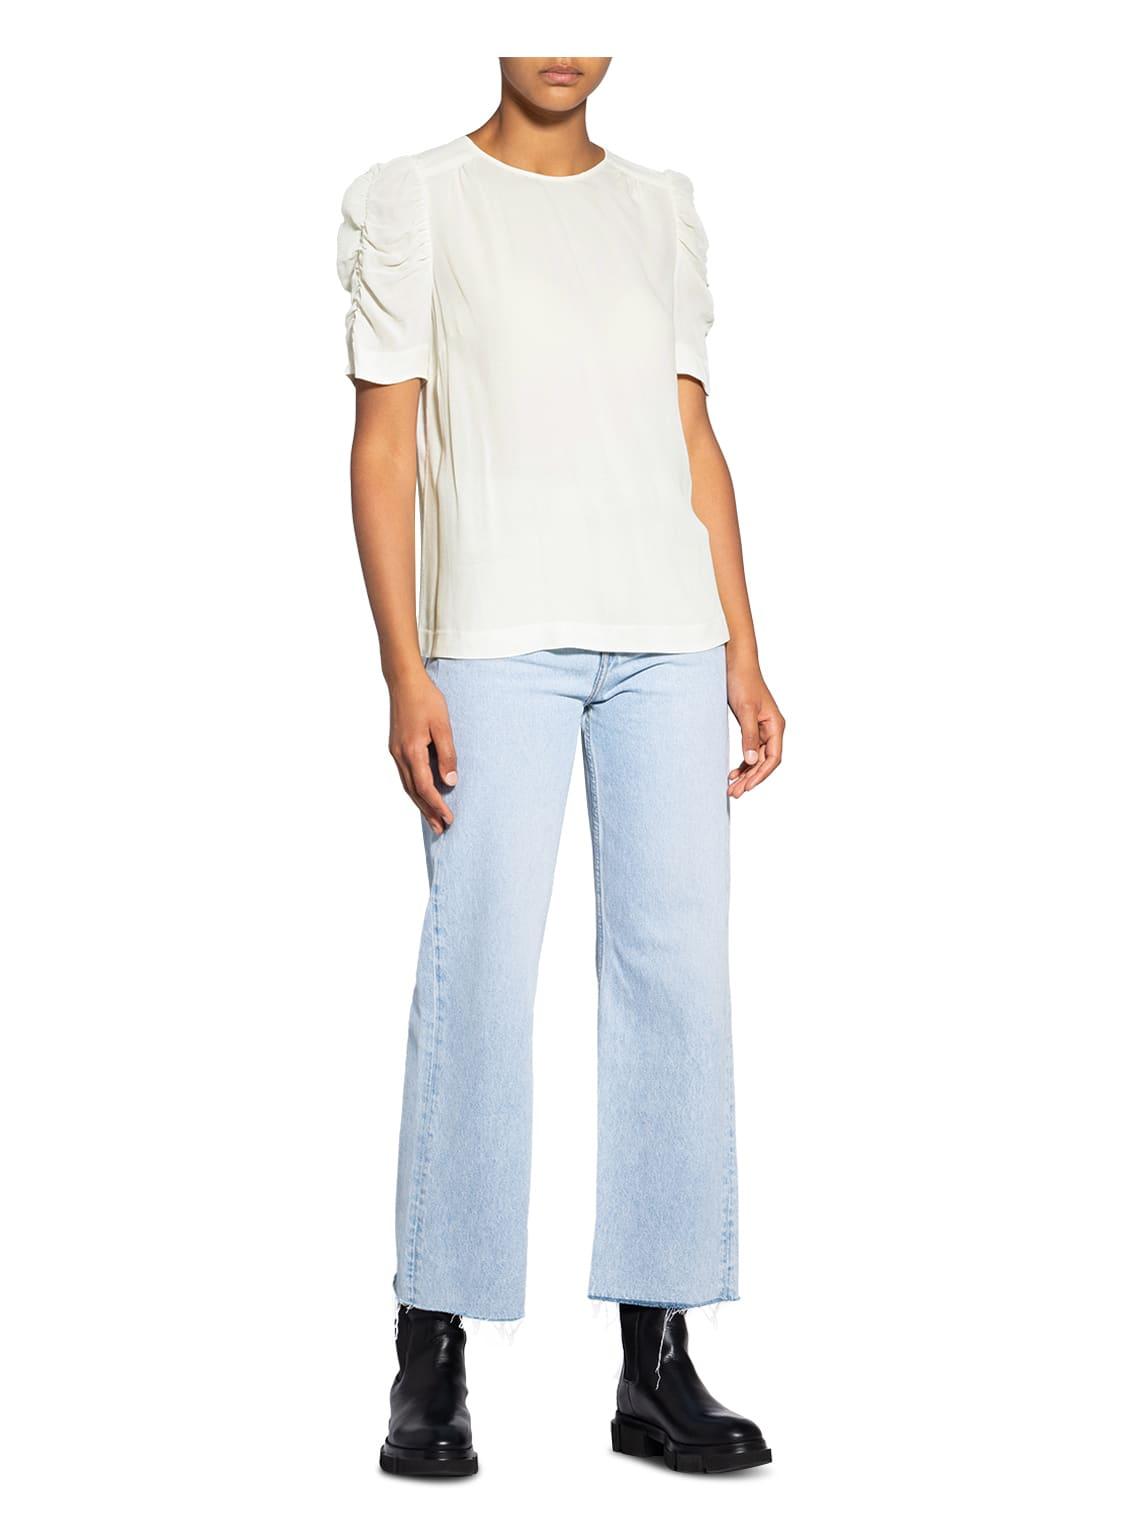 Damen Bekleidung Blusenshirt NELLY  von WHISTLES